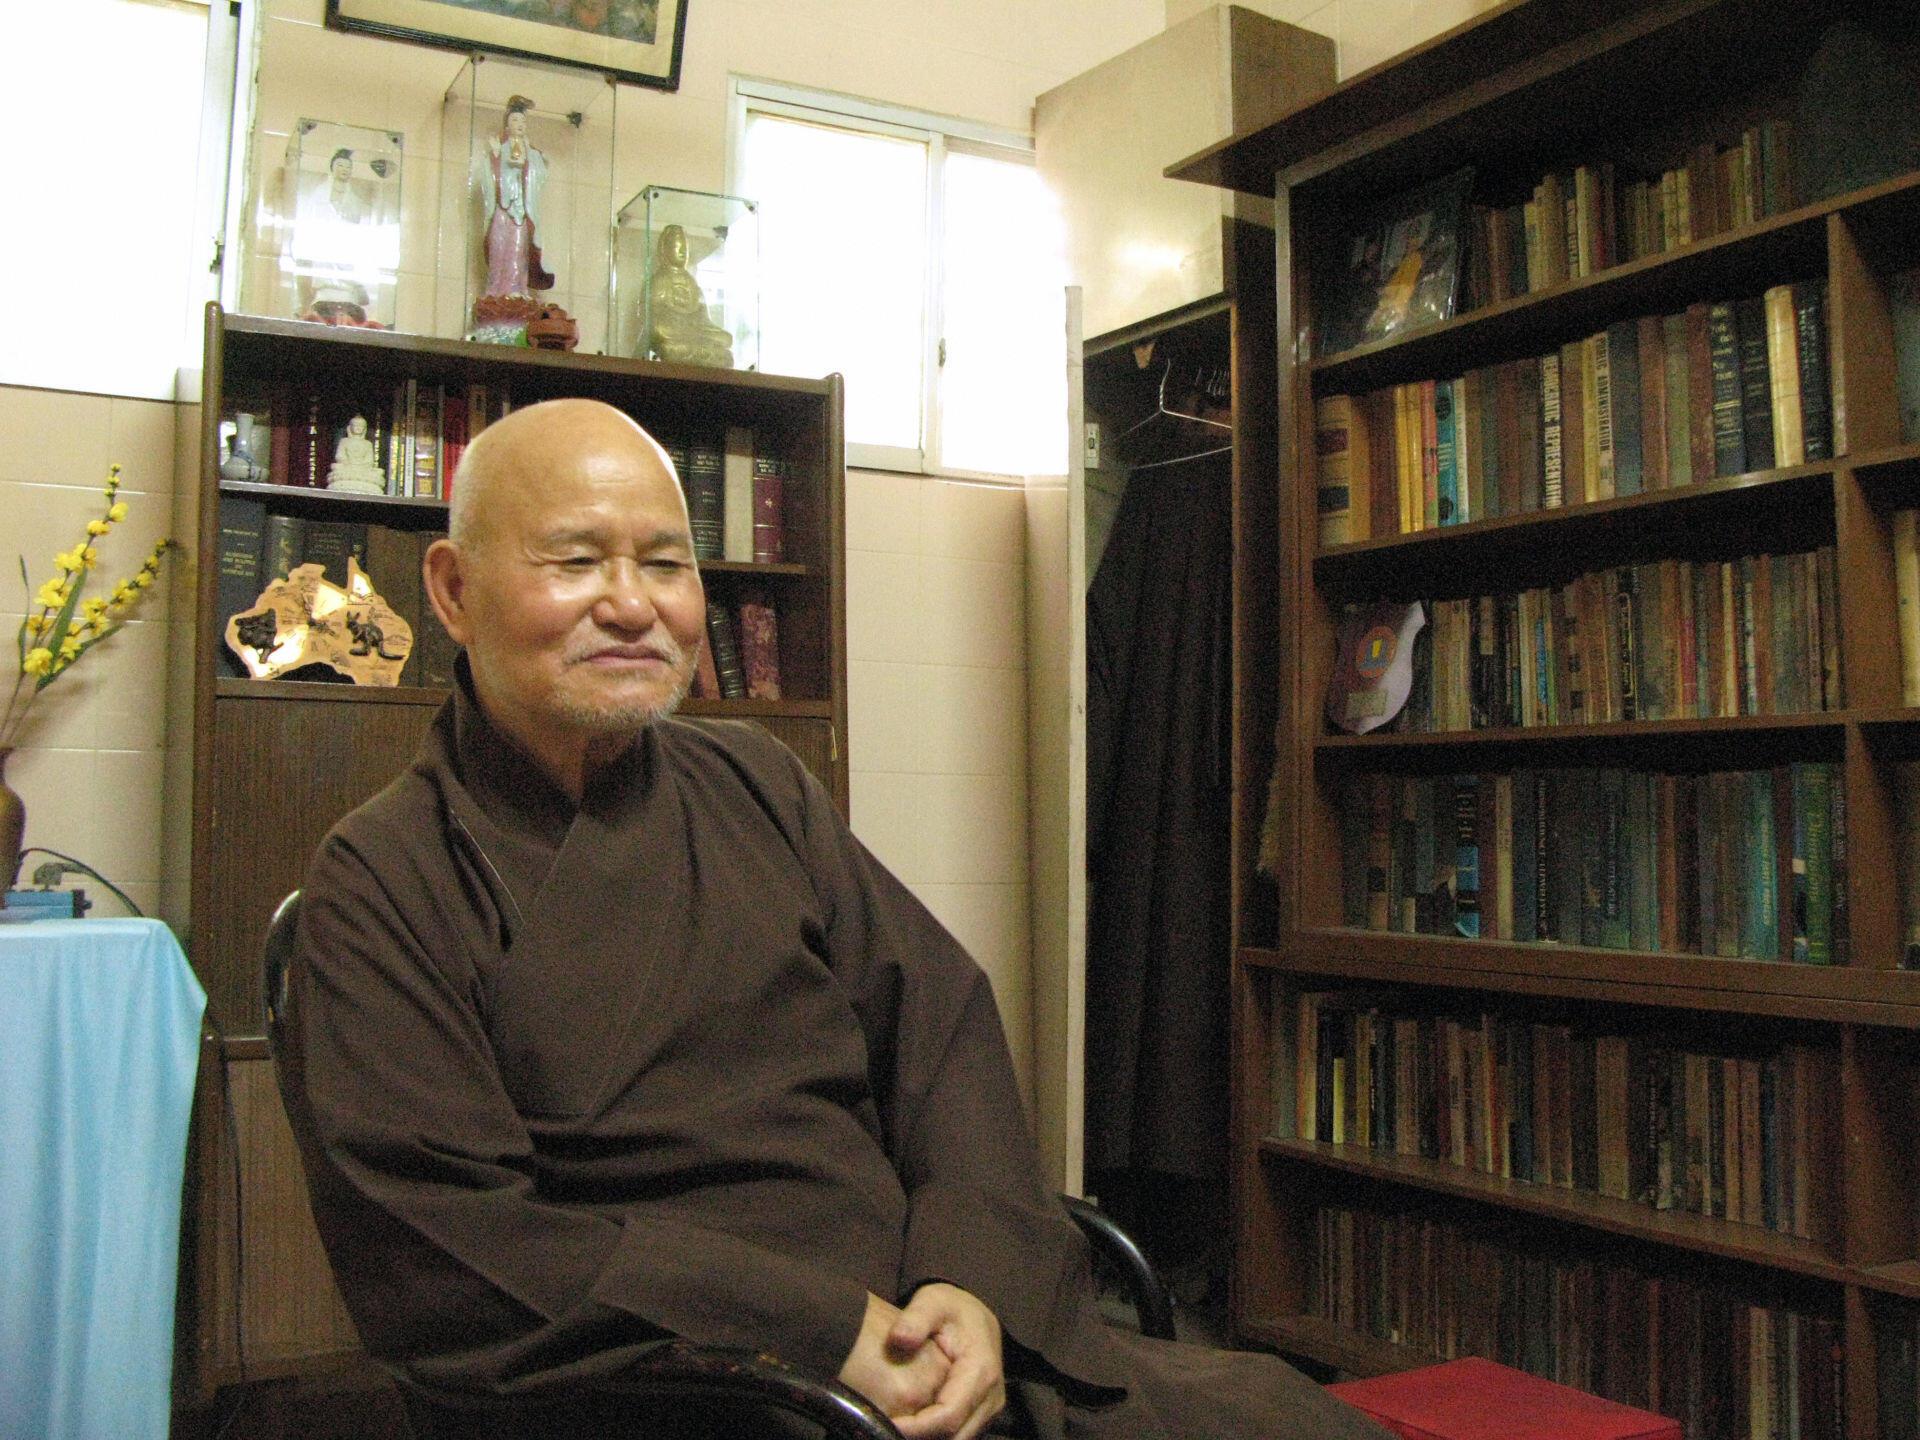 Hòa thượng Thích Quảng Độ tại Thanh Minh Thiền Viện-Việt Nam. Ảnh chụp năm 2007.